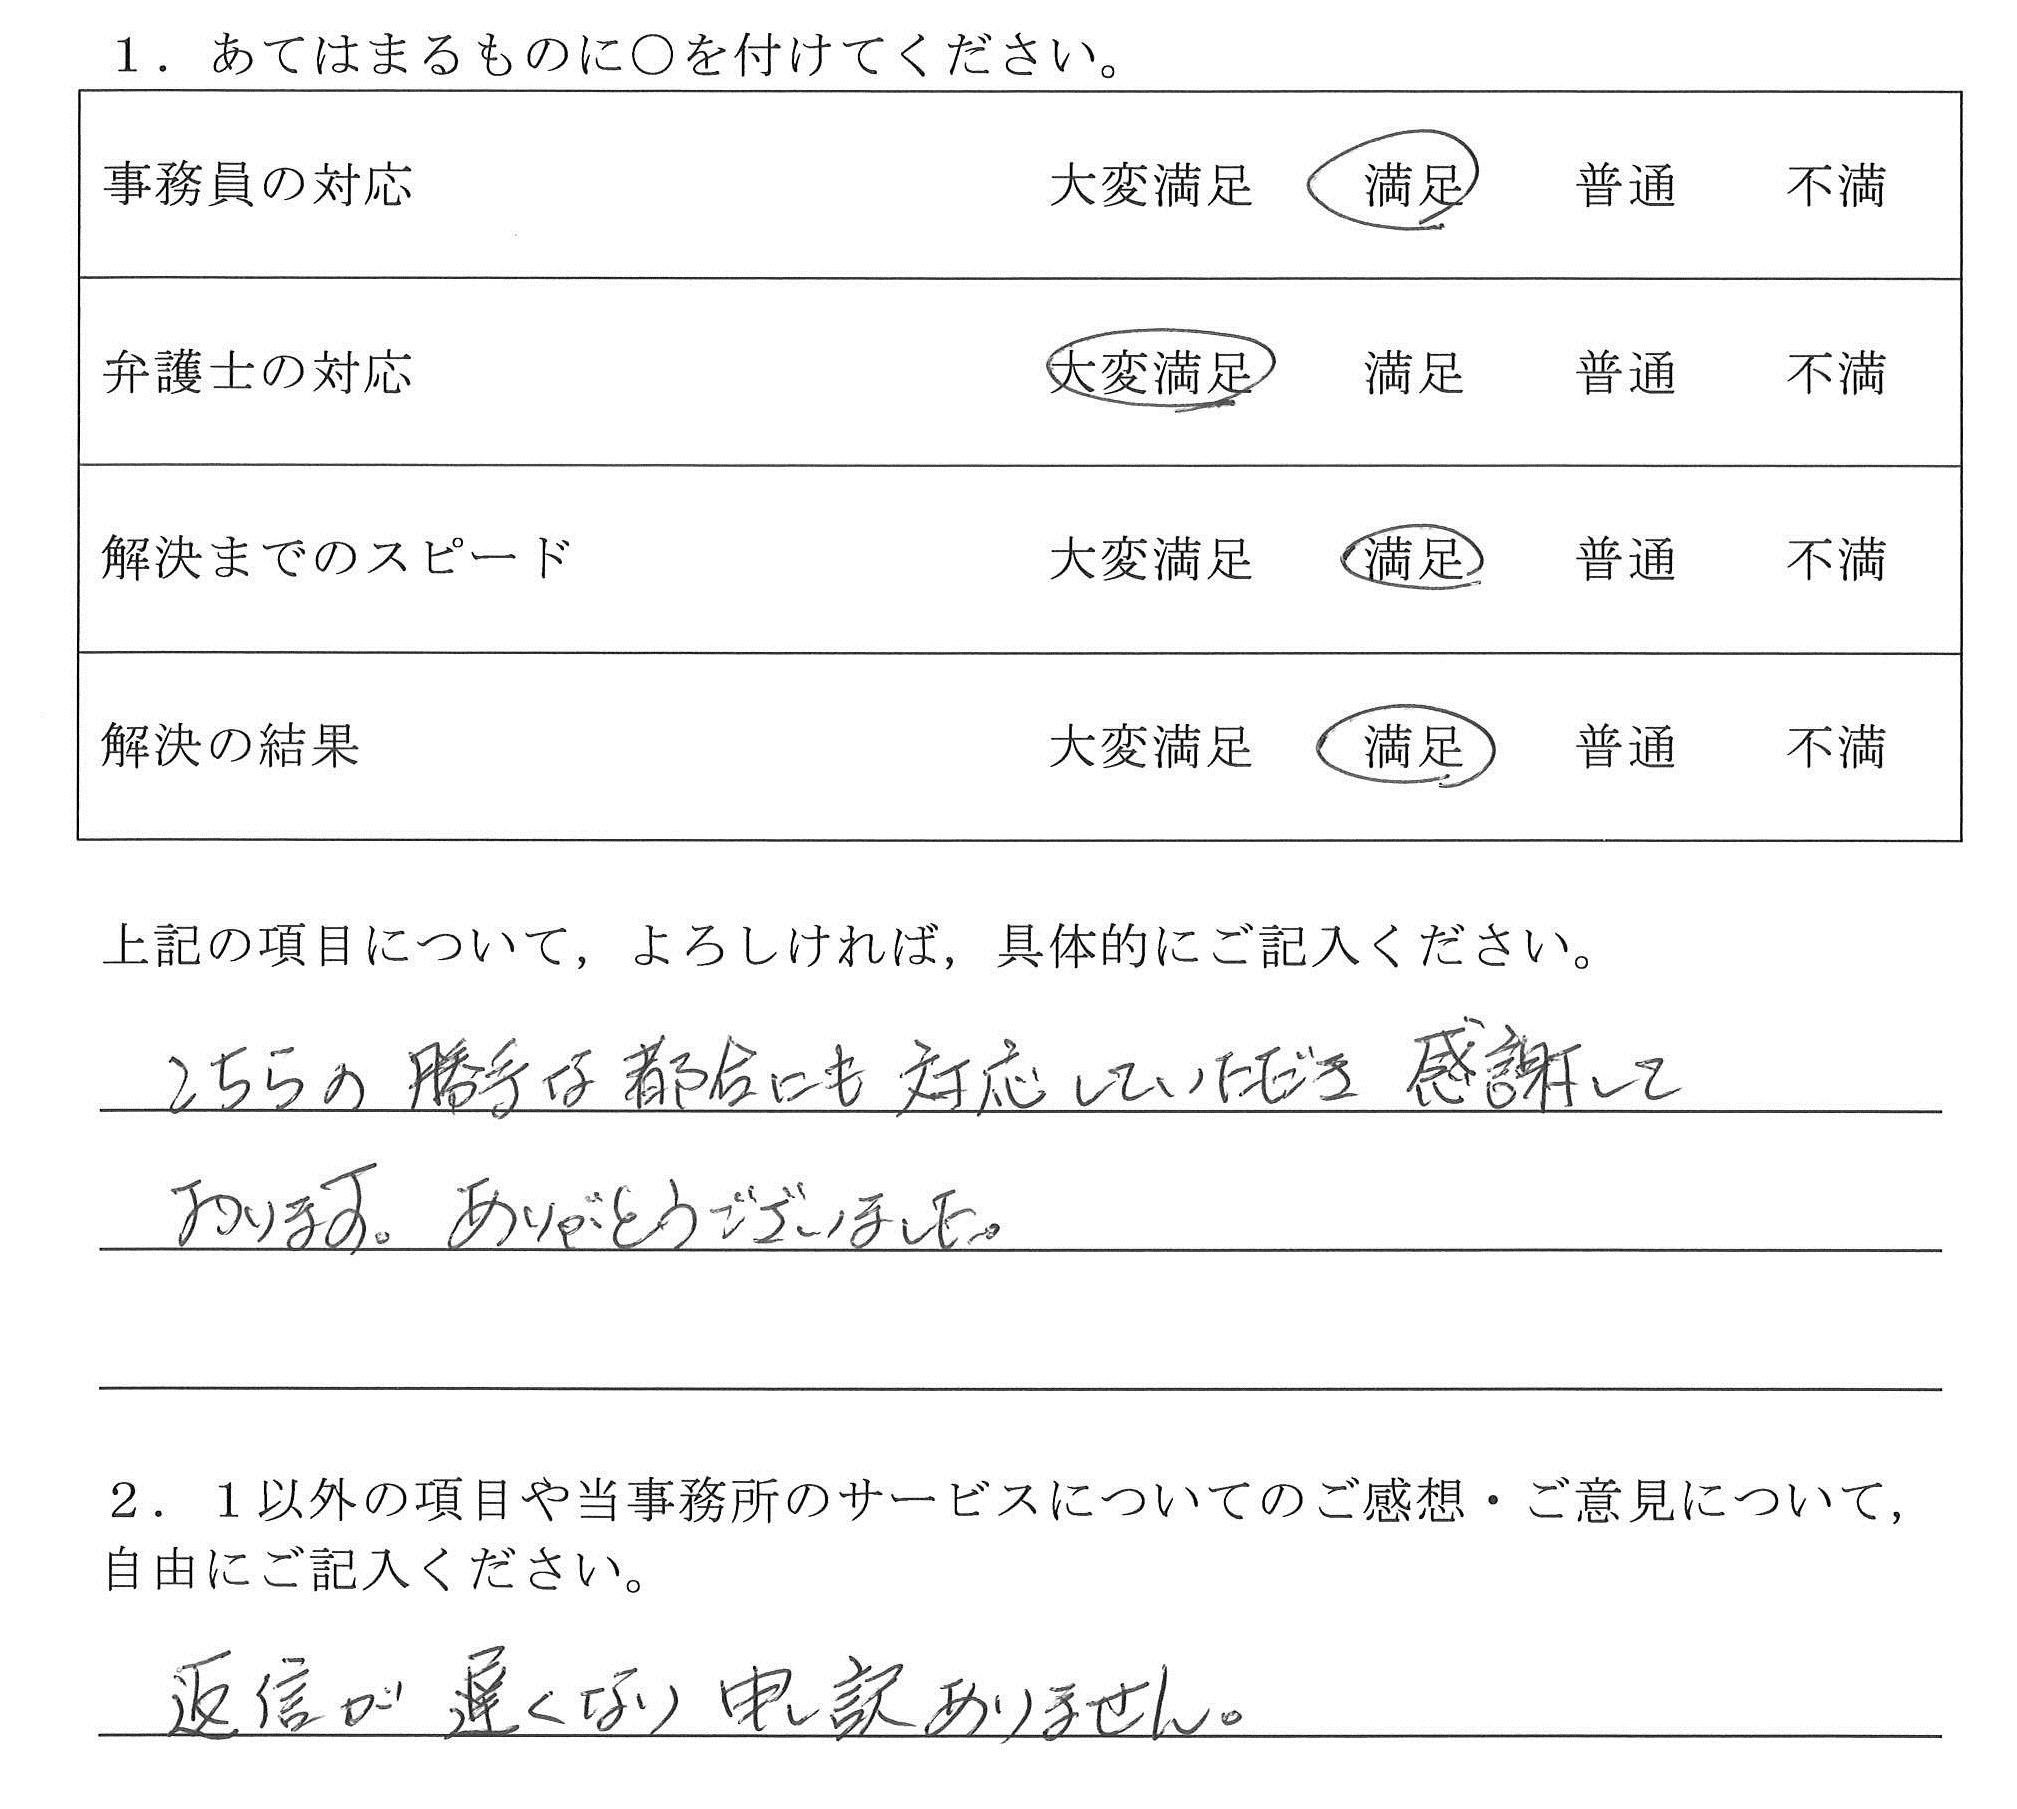 愛知県日進市50代女性(債務整理)の依頼者様の声 : こちらの勝手な都合にも対応していただき感謝しております。ありがとうございました。